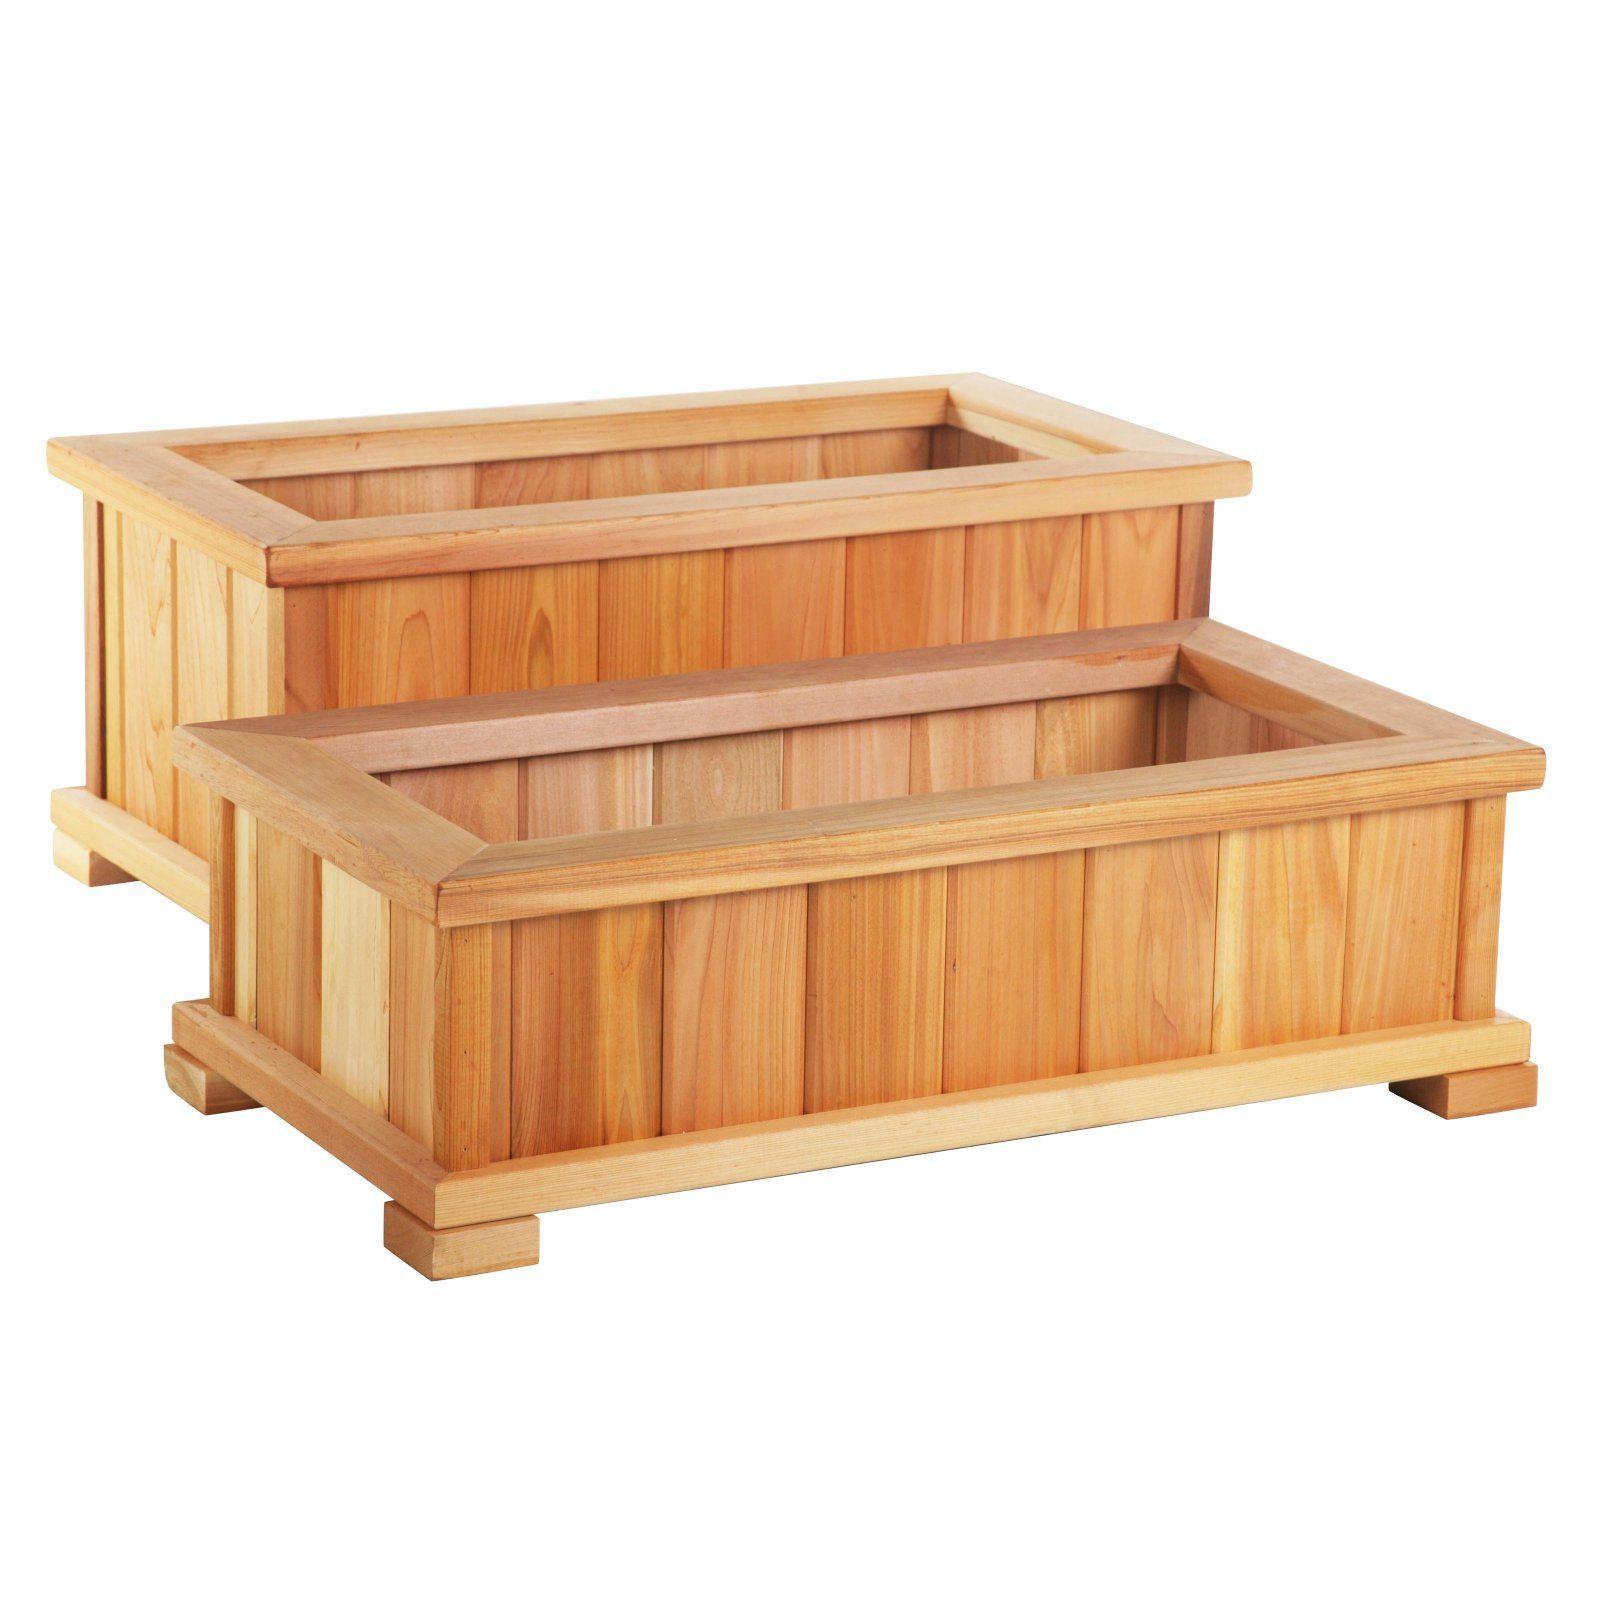 Wooden planter box pinteres for Cedar garden box designs